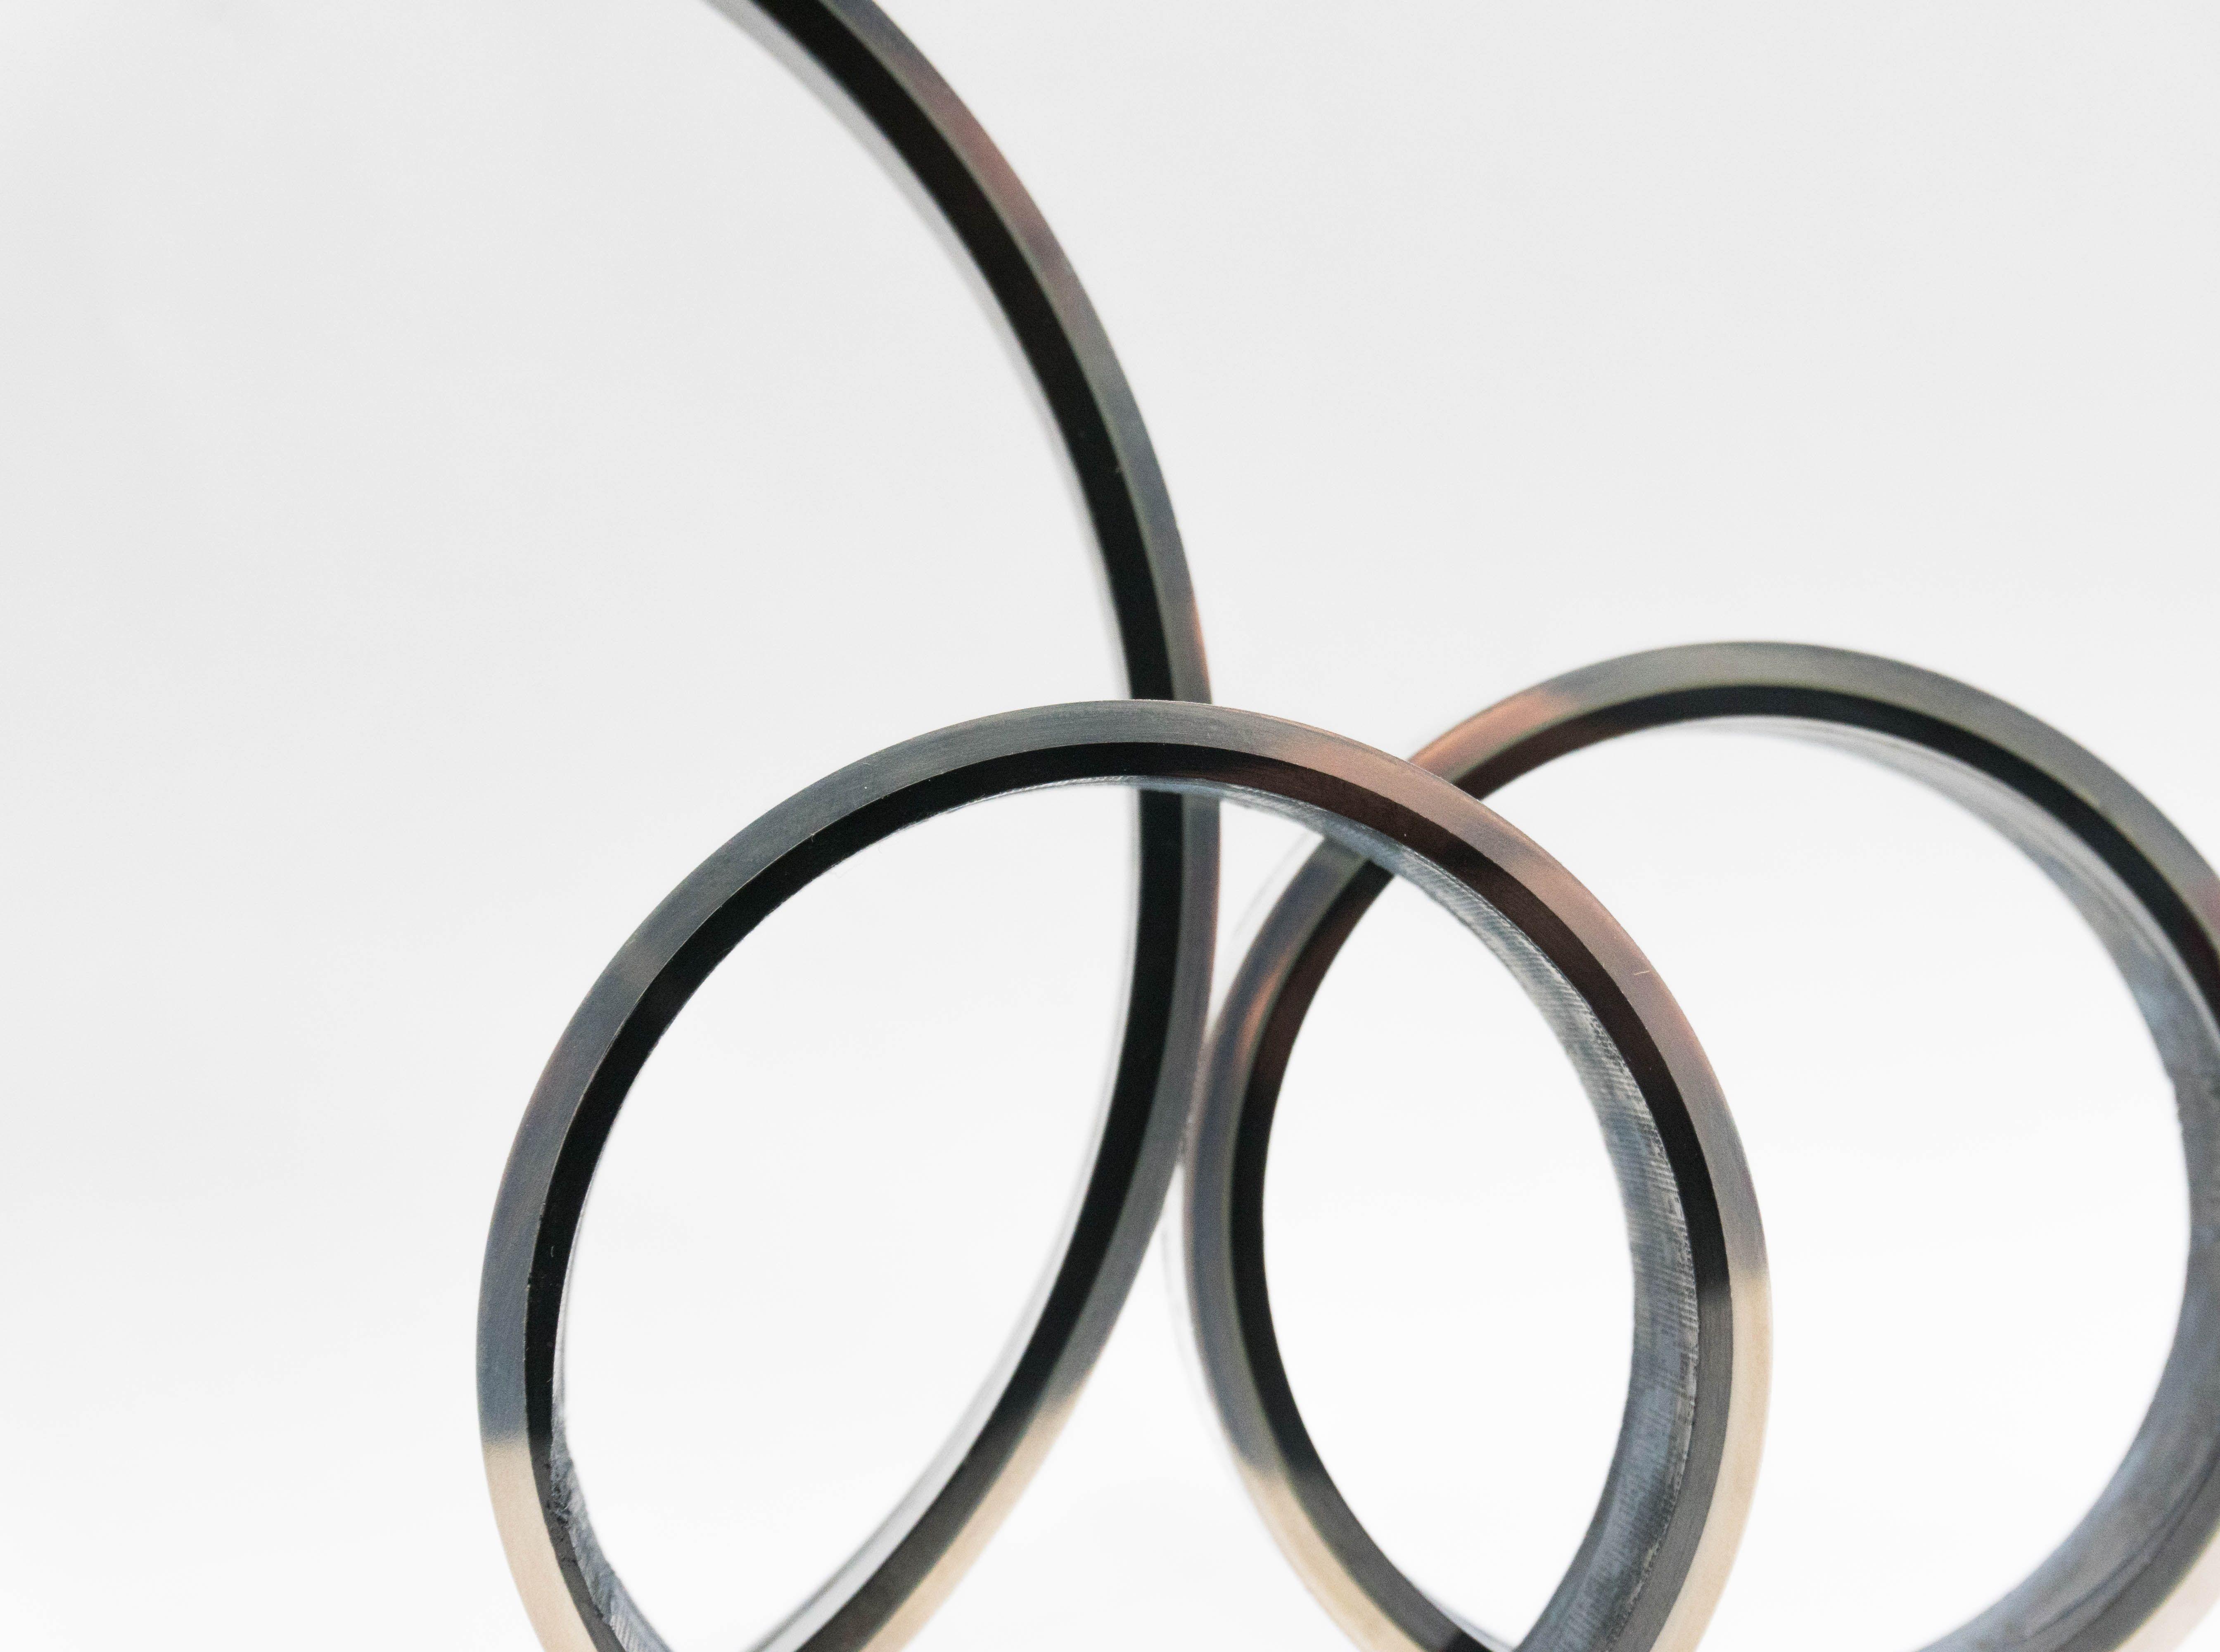 Sezione rulli ibridi metallo carbonio